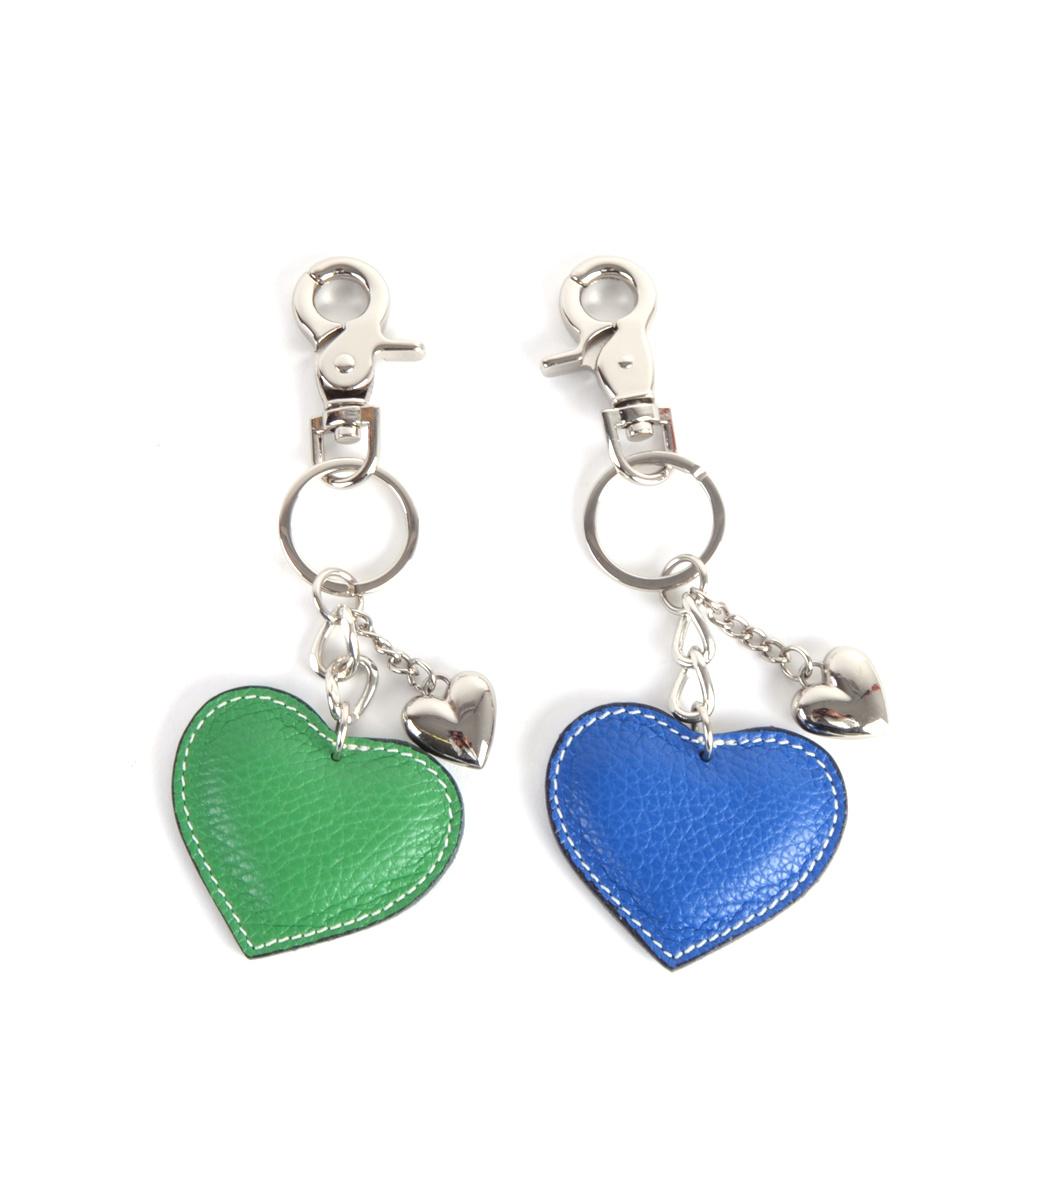 Leren-sleutelhanger-hartjes-blauw blauwe leder-leer tassen hangers zilveren-sleutel-hangers-online-bestellen